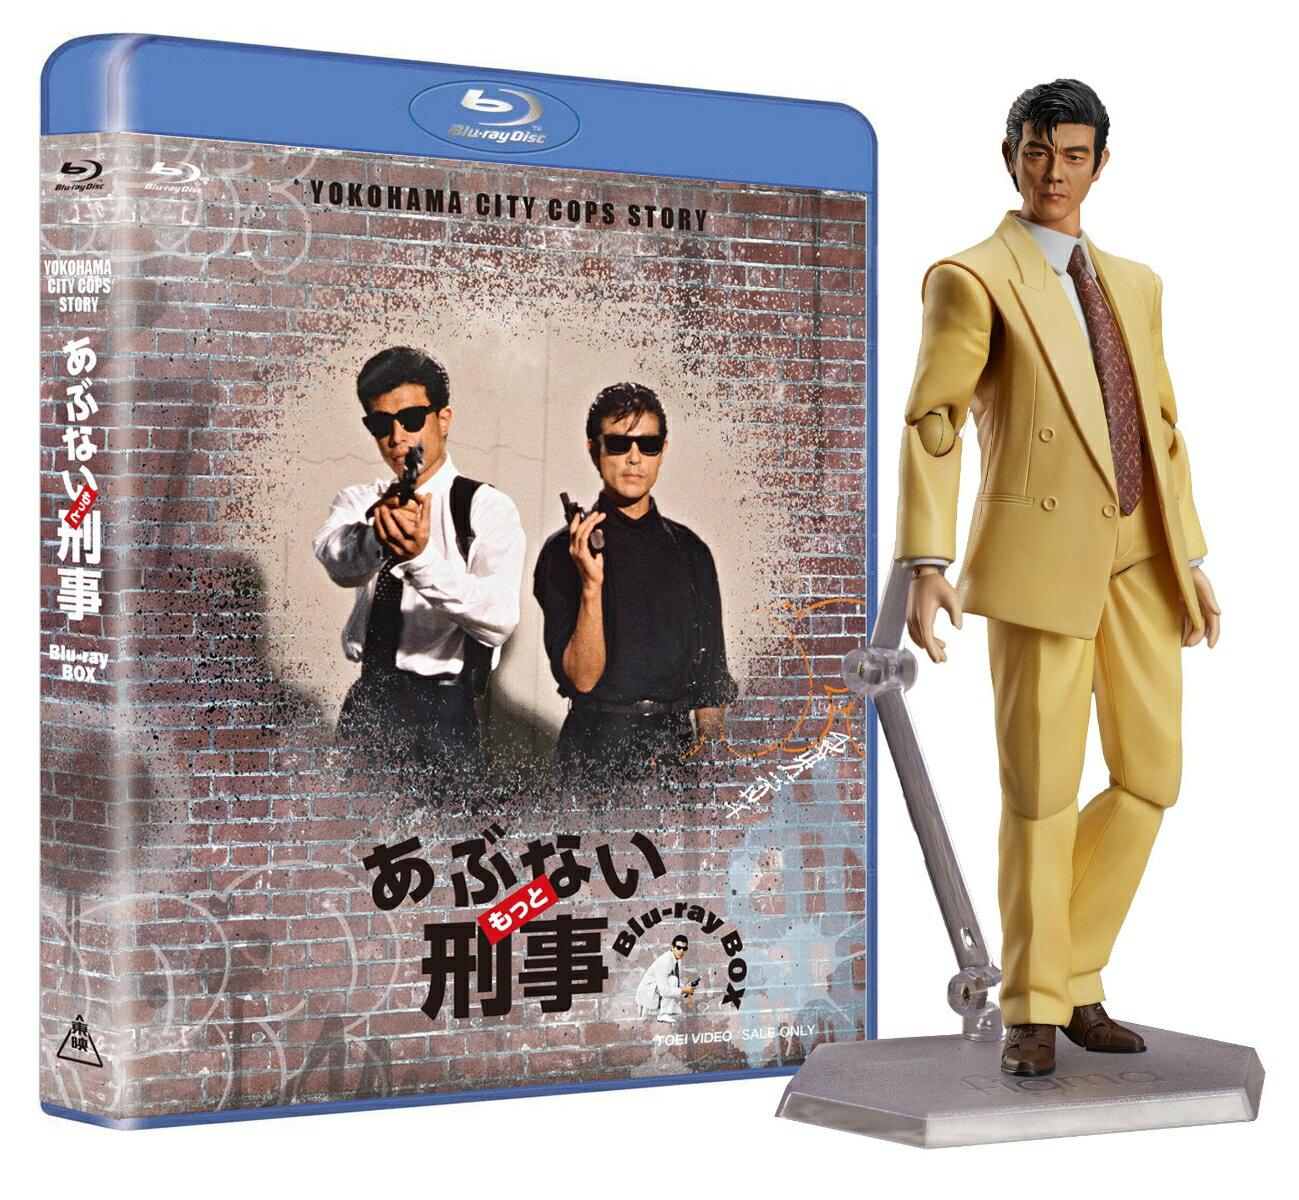 もっとあぶない刑事 Blu-ray BOX ユージフィギュア付き【Blu-ray】